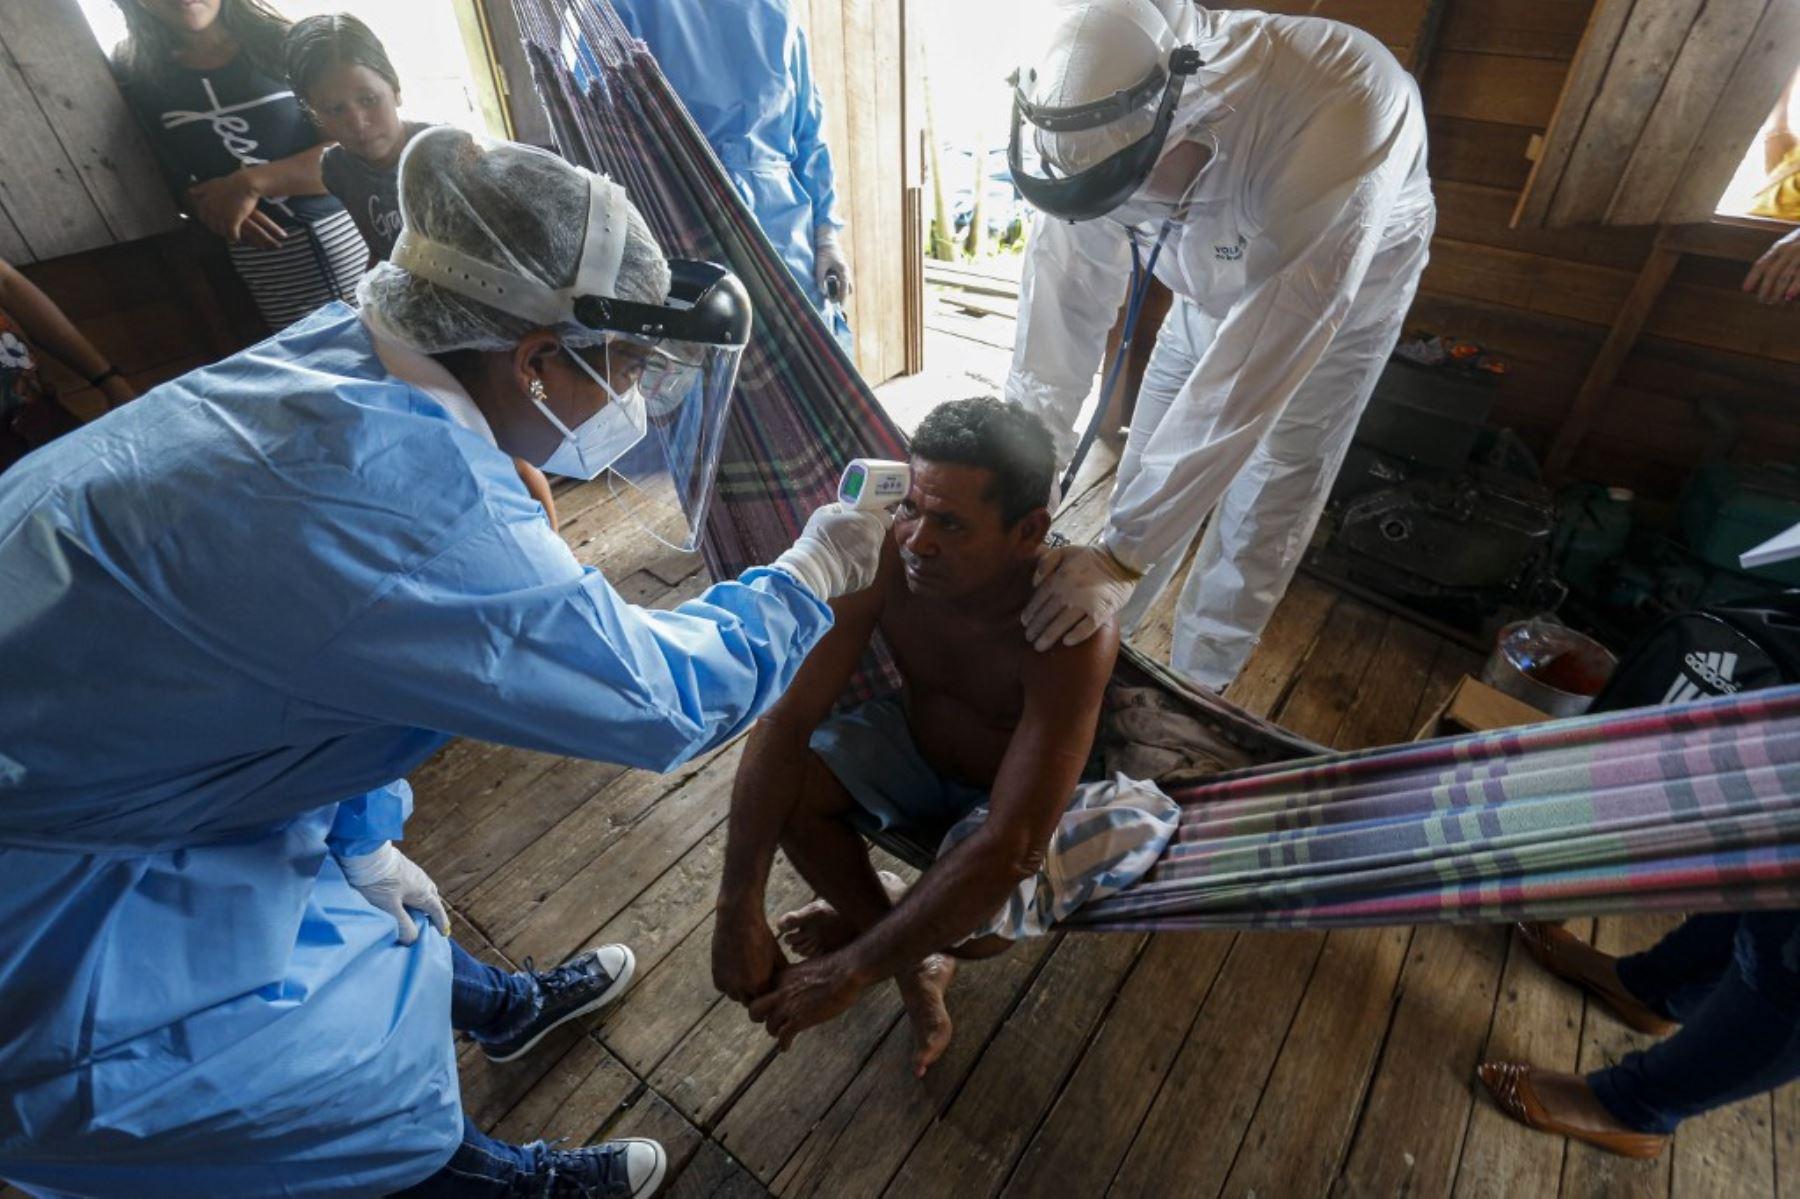 Trabajadores de salud del gobierno controlan la temperatura de un hombre en una comunidad ribereña del río Murutipucu en Igarape-Miri, Baixo Tocantins, en Brasil, para detectar casos de covid-19 entre la población.Foto:AFP